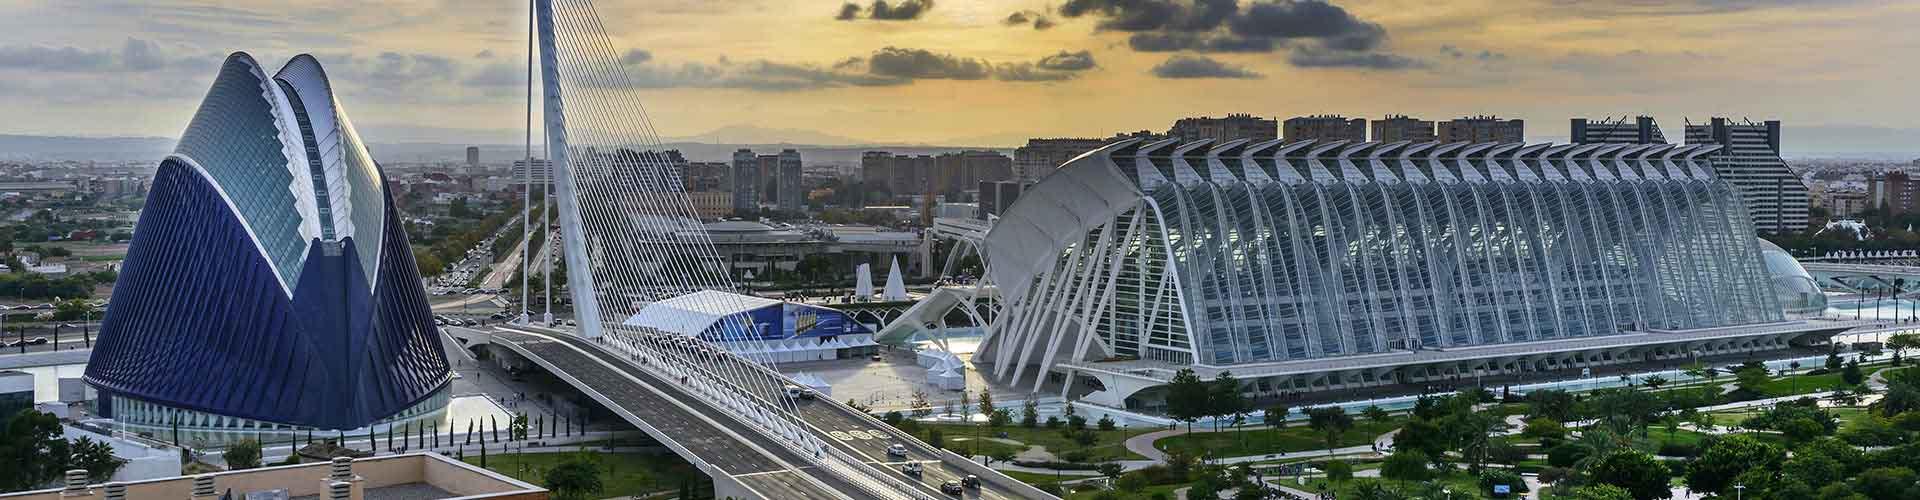 Valencia - Apartamentos cerca a Aeropuerto de Valencia. Mapas de Valencia, Fotos y comentarios de cada Apartamento en Valencia.